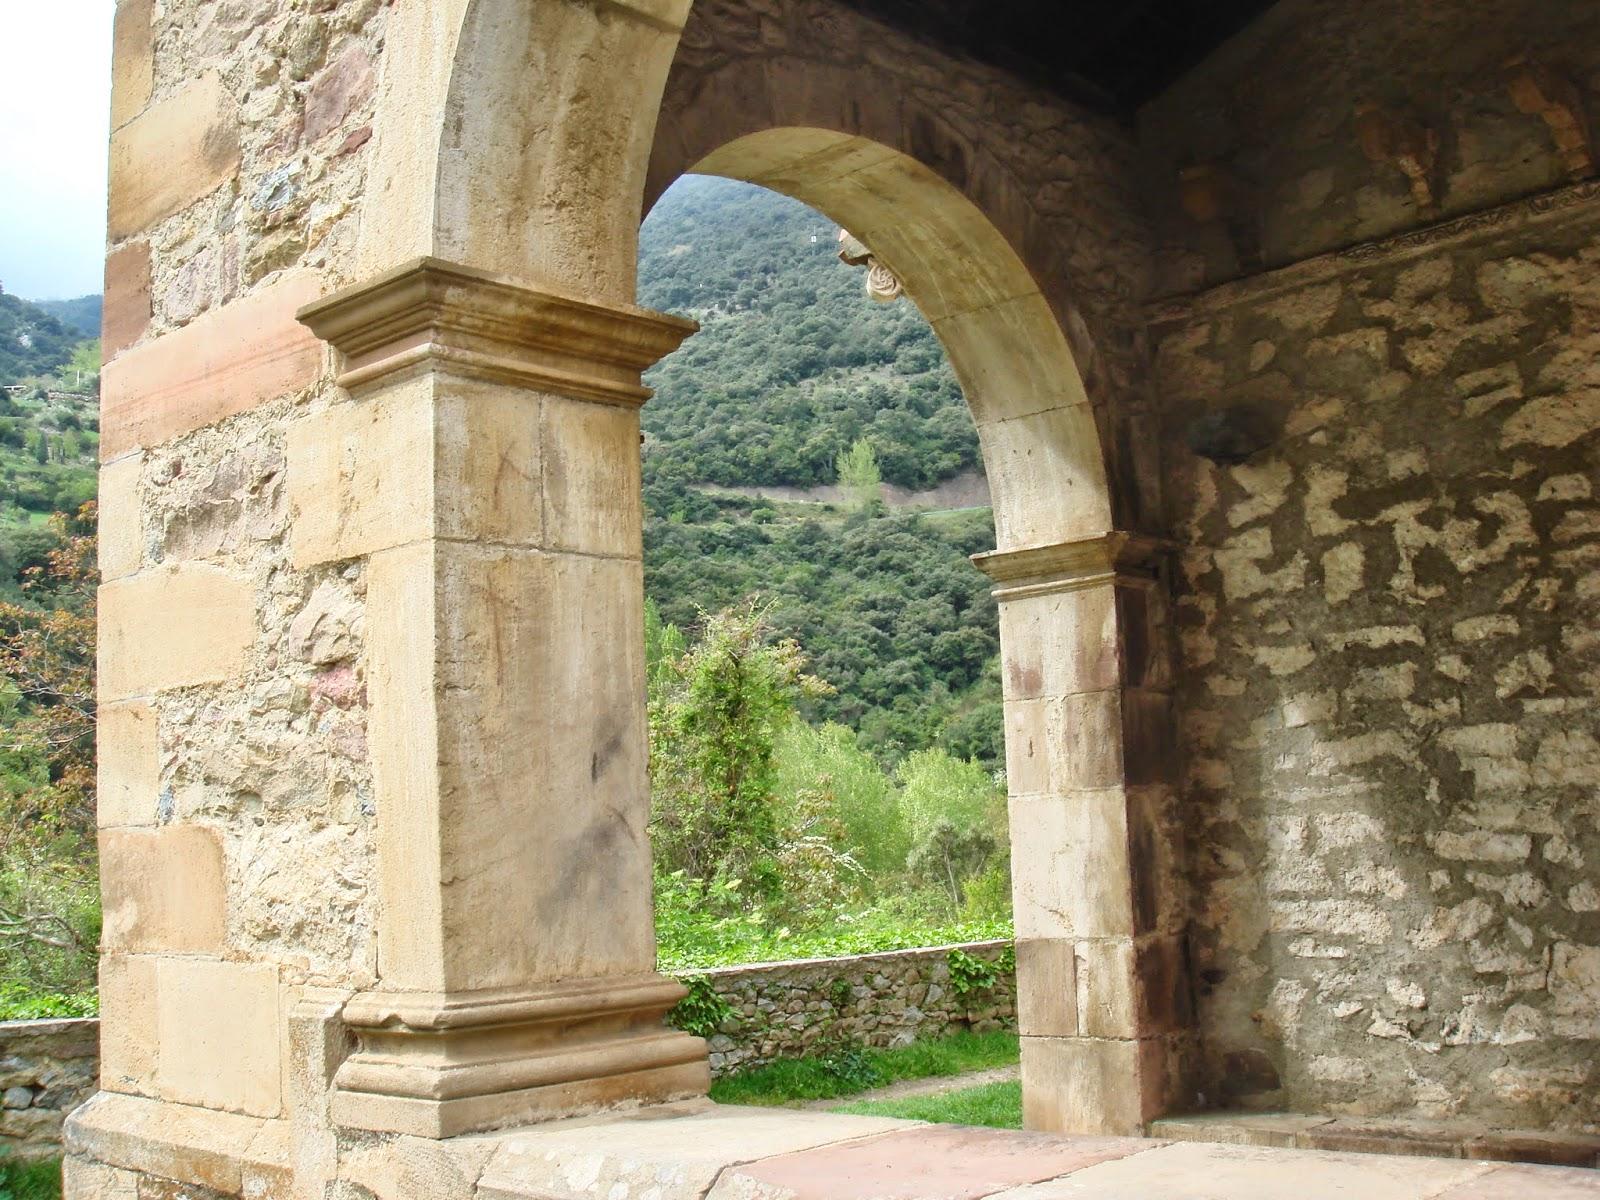 arquitectura Mozárabe en España, arcos Santa María de Lebeña